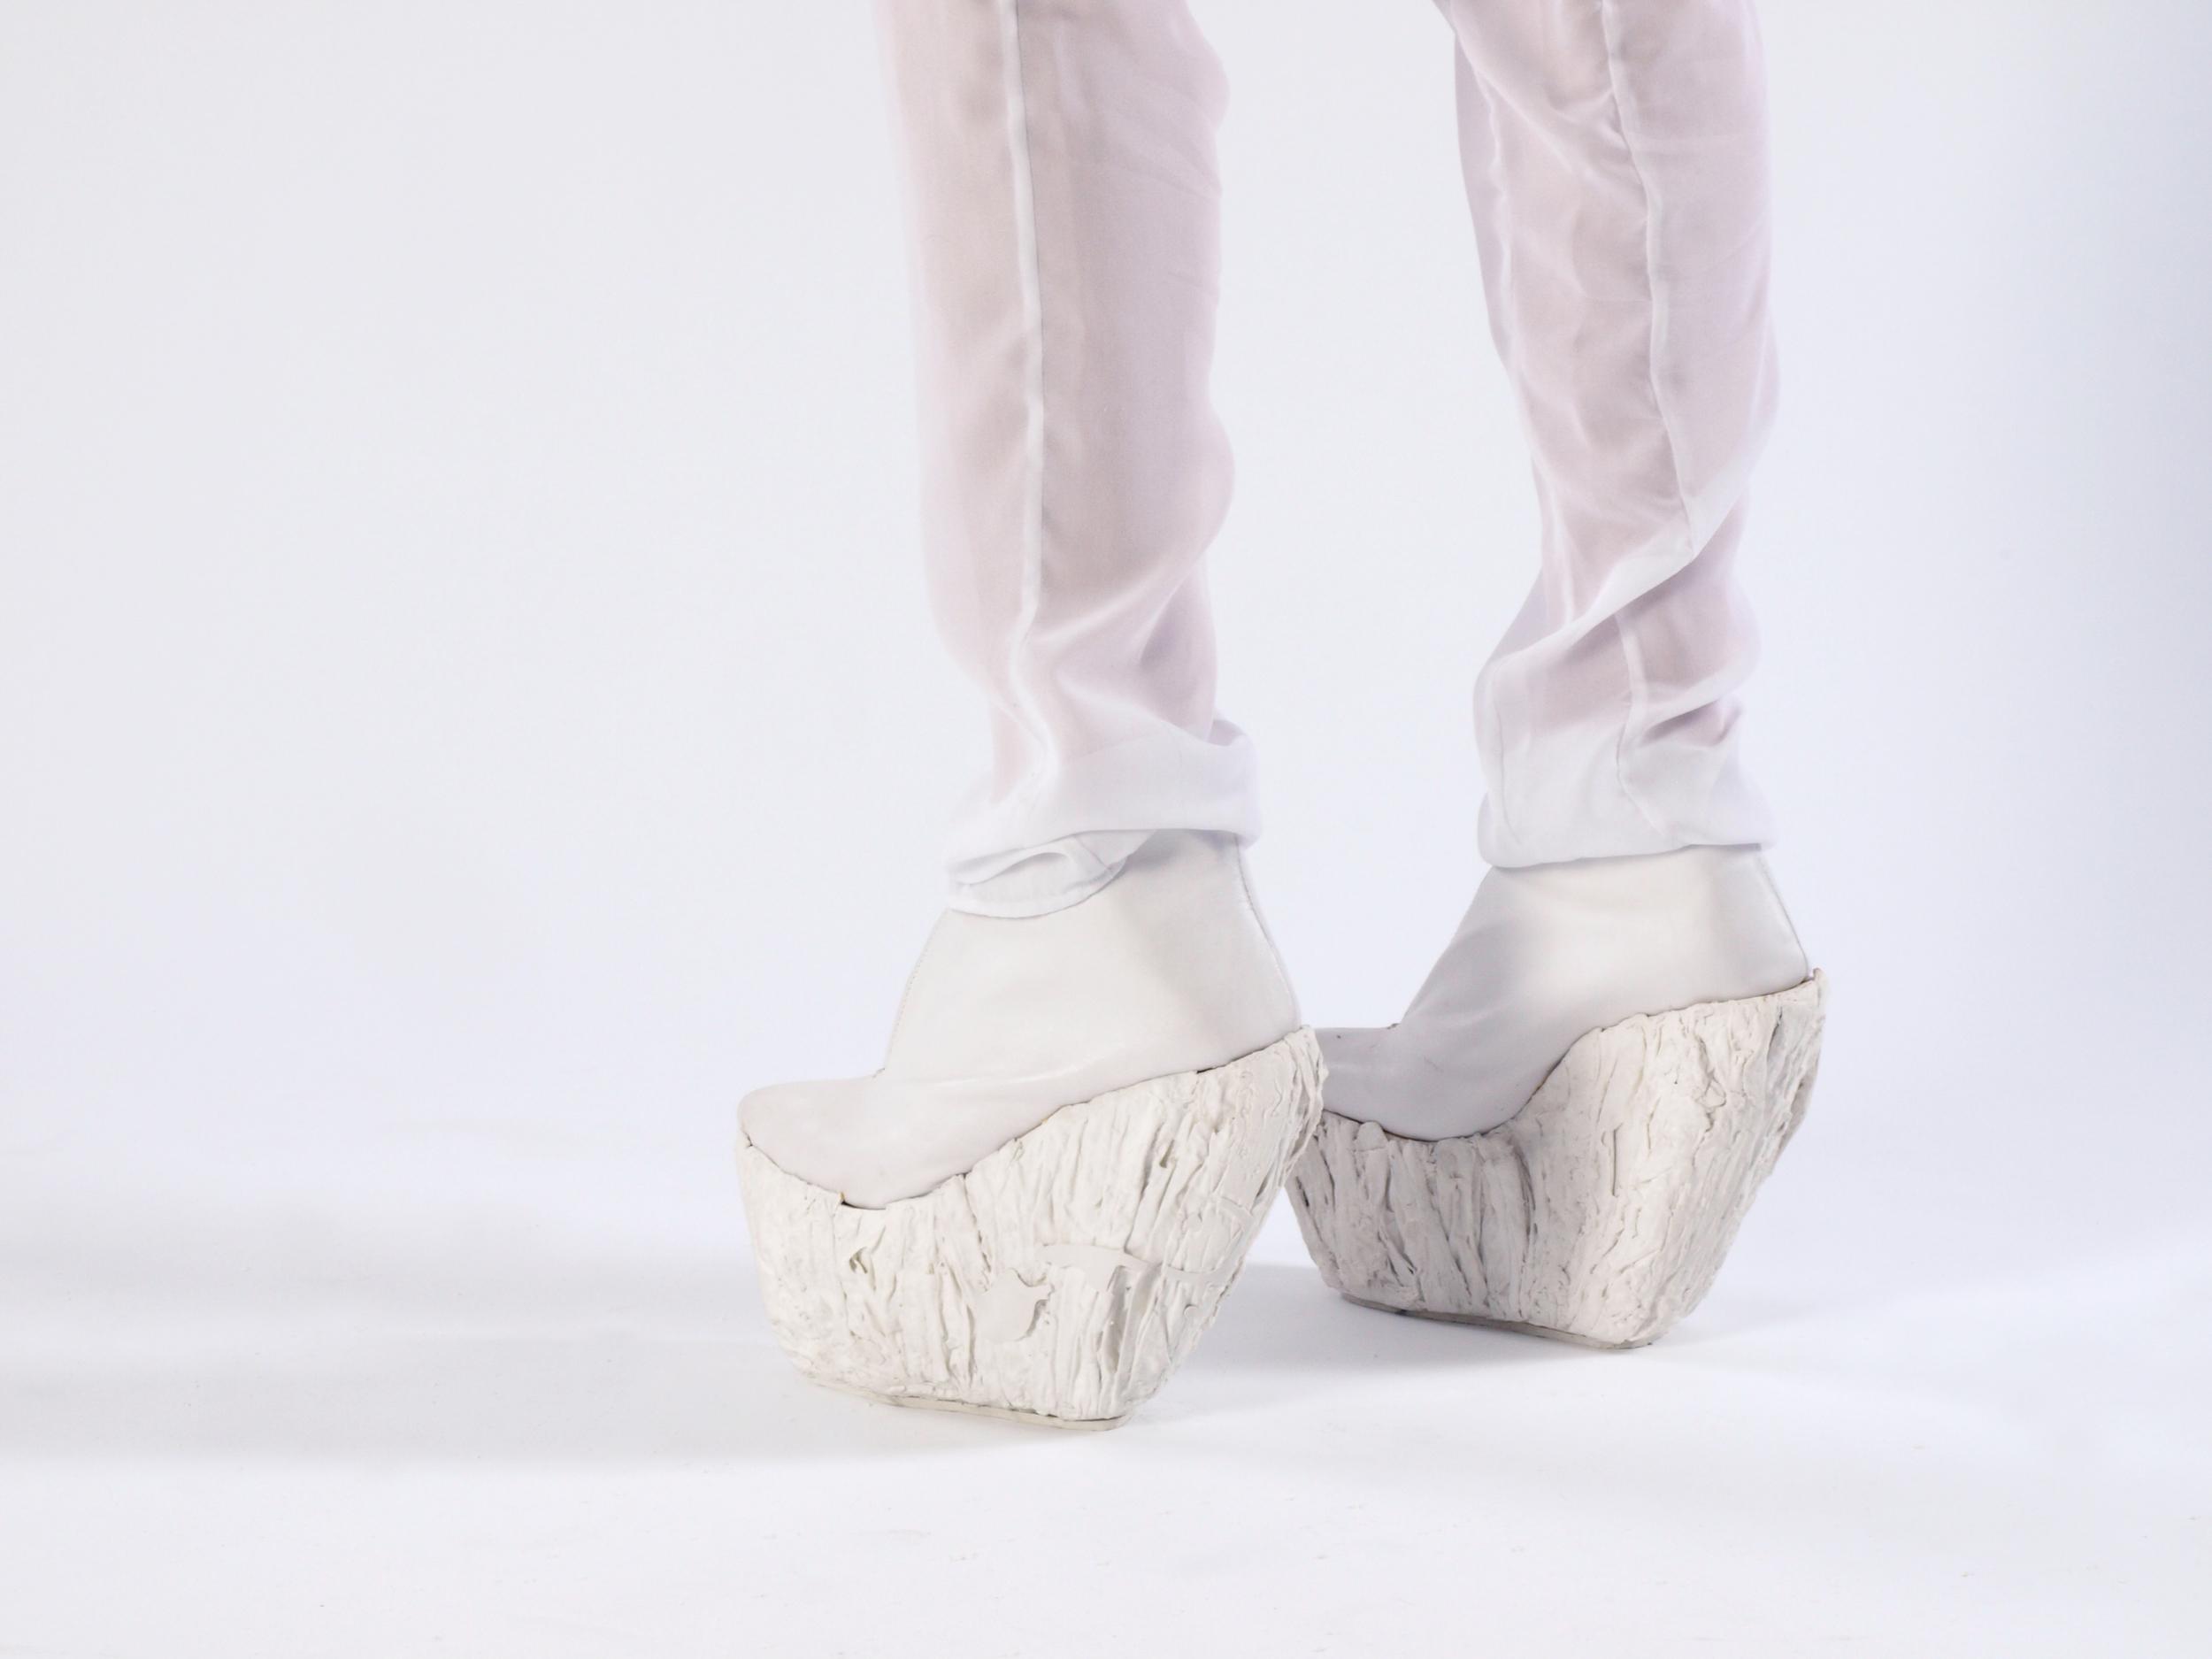 porcelain shoes 3.jpg